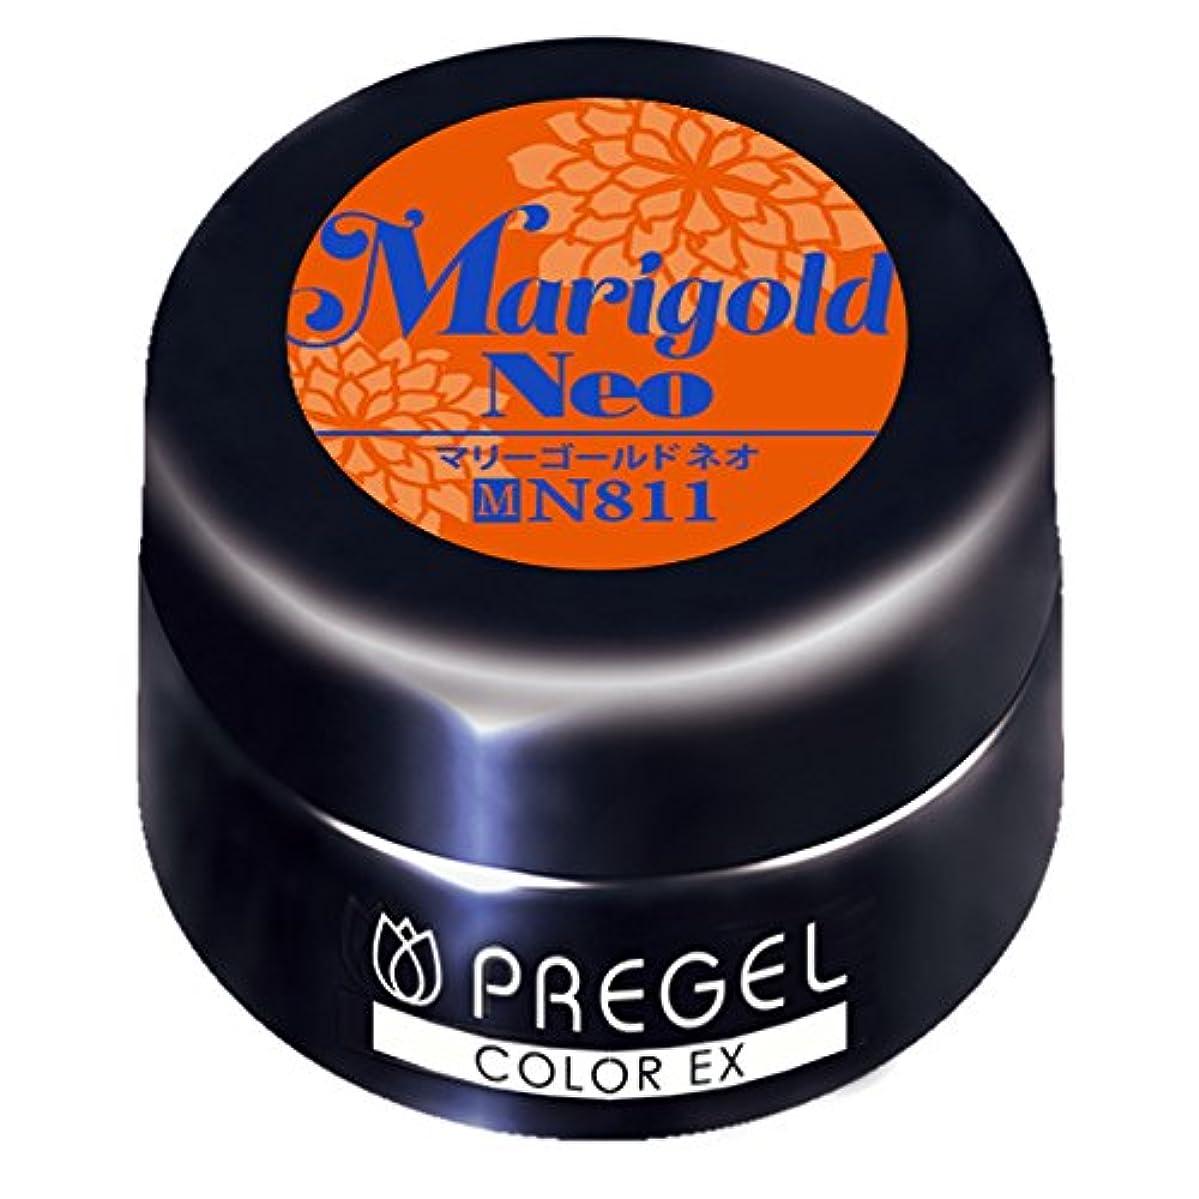 スクラブ同情的偽善者PRE GEL カラーEX マリーゴールドneo 811 3g UV/LED対応